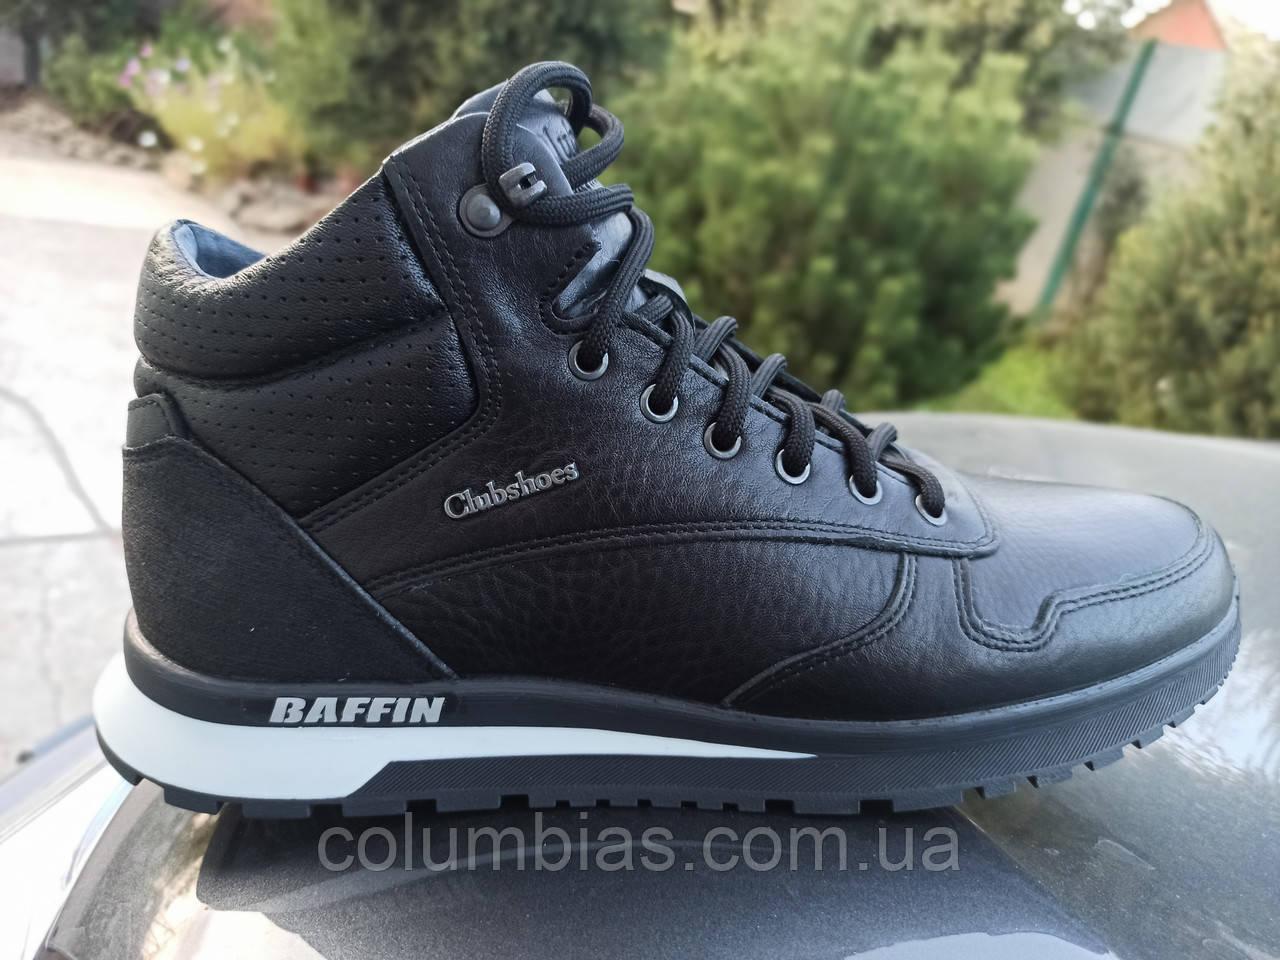 Зимние мужские ботинки Baffin